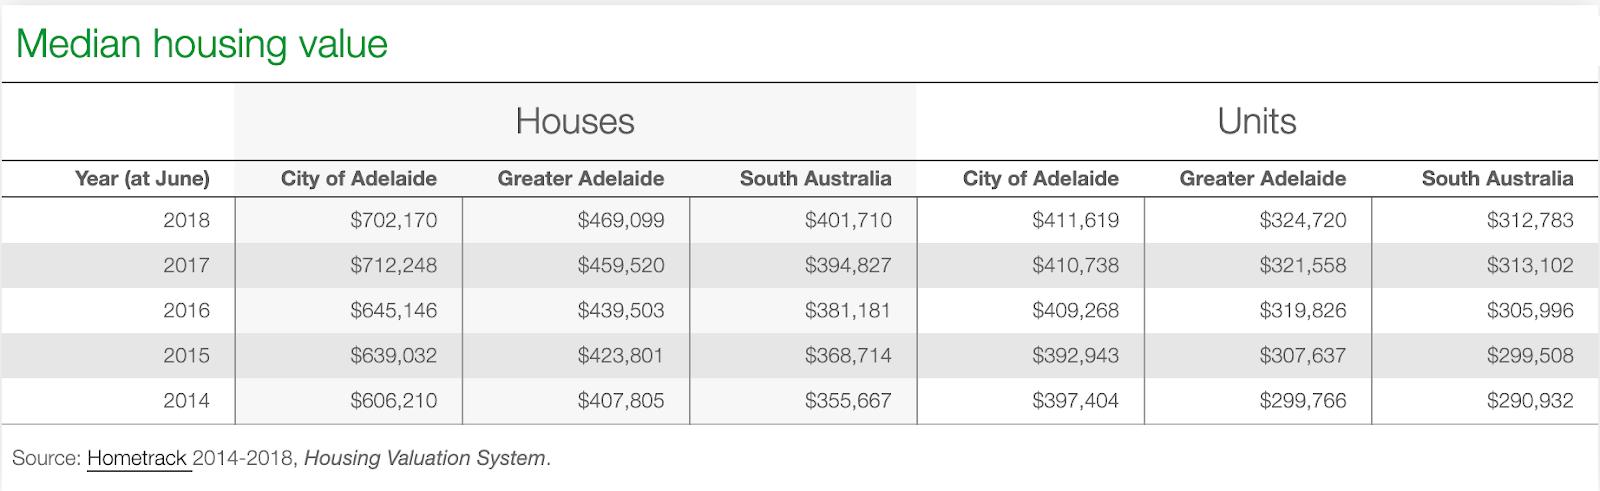 Median Housing Value in Adelaide